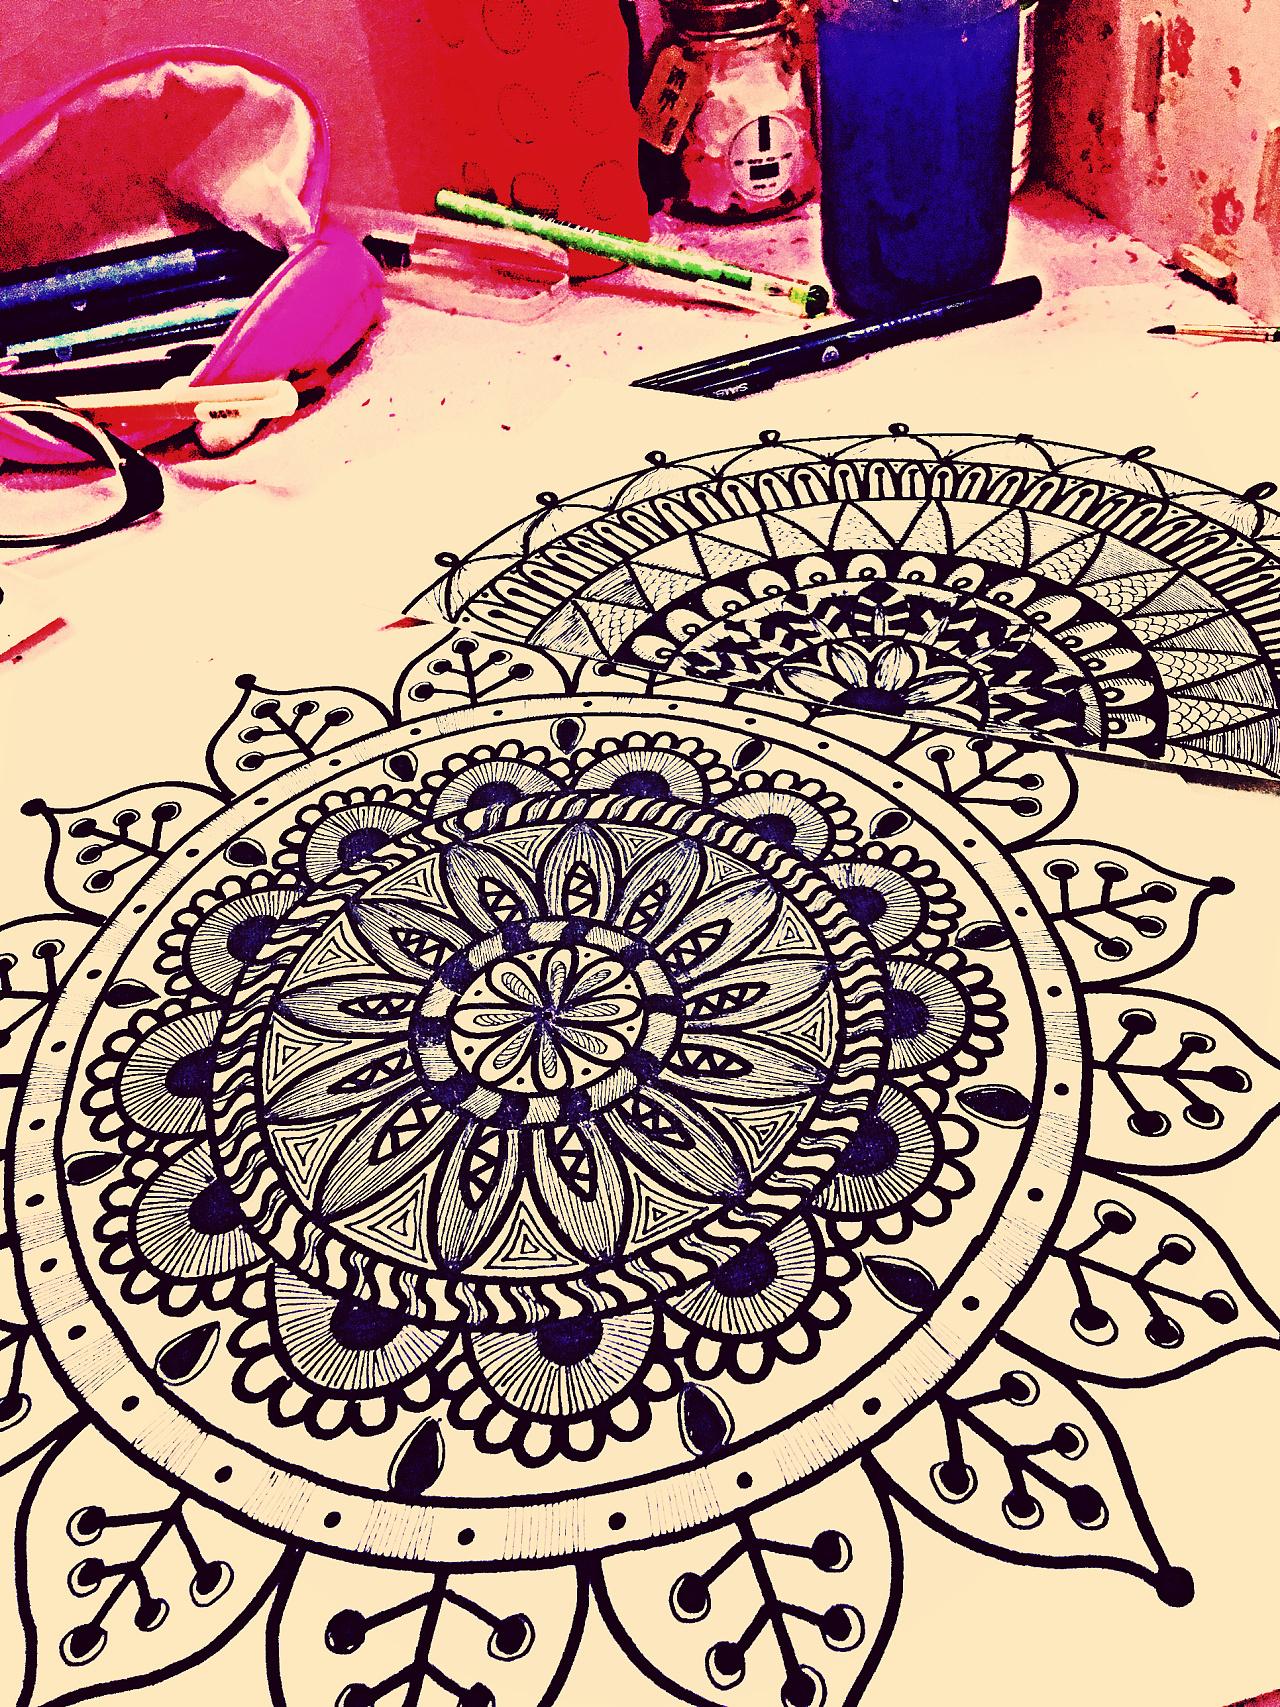 曼陀罗,装饰画,手绘,插画,黑白装饰画,线描